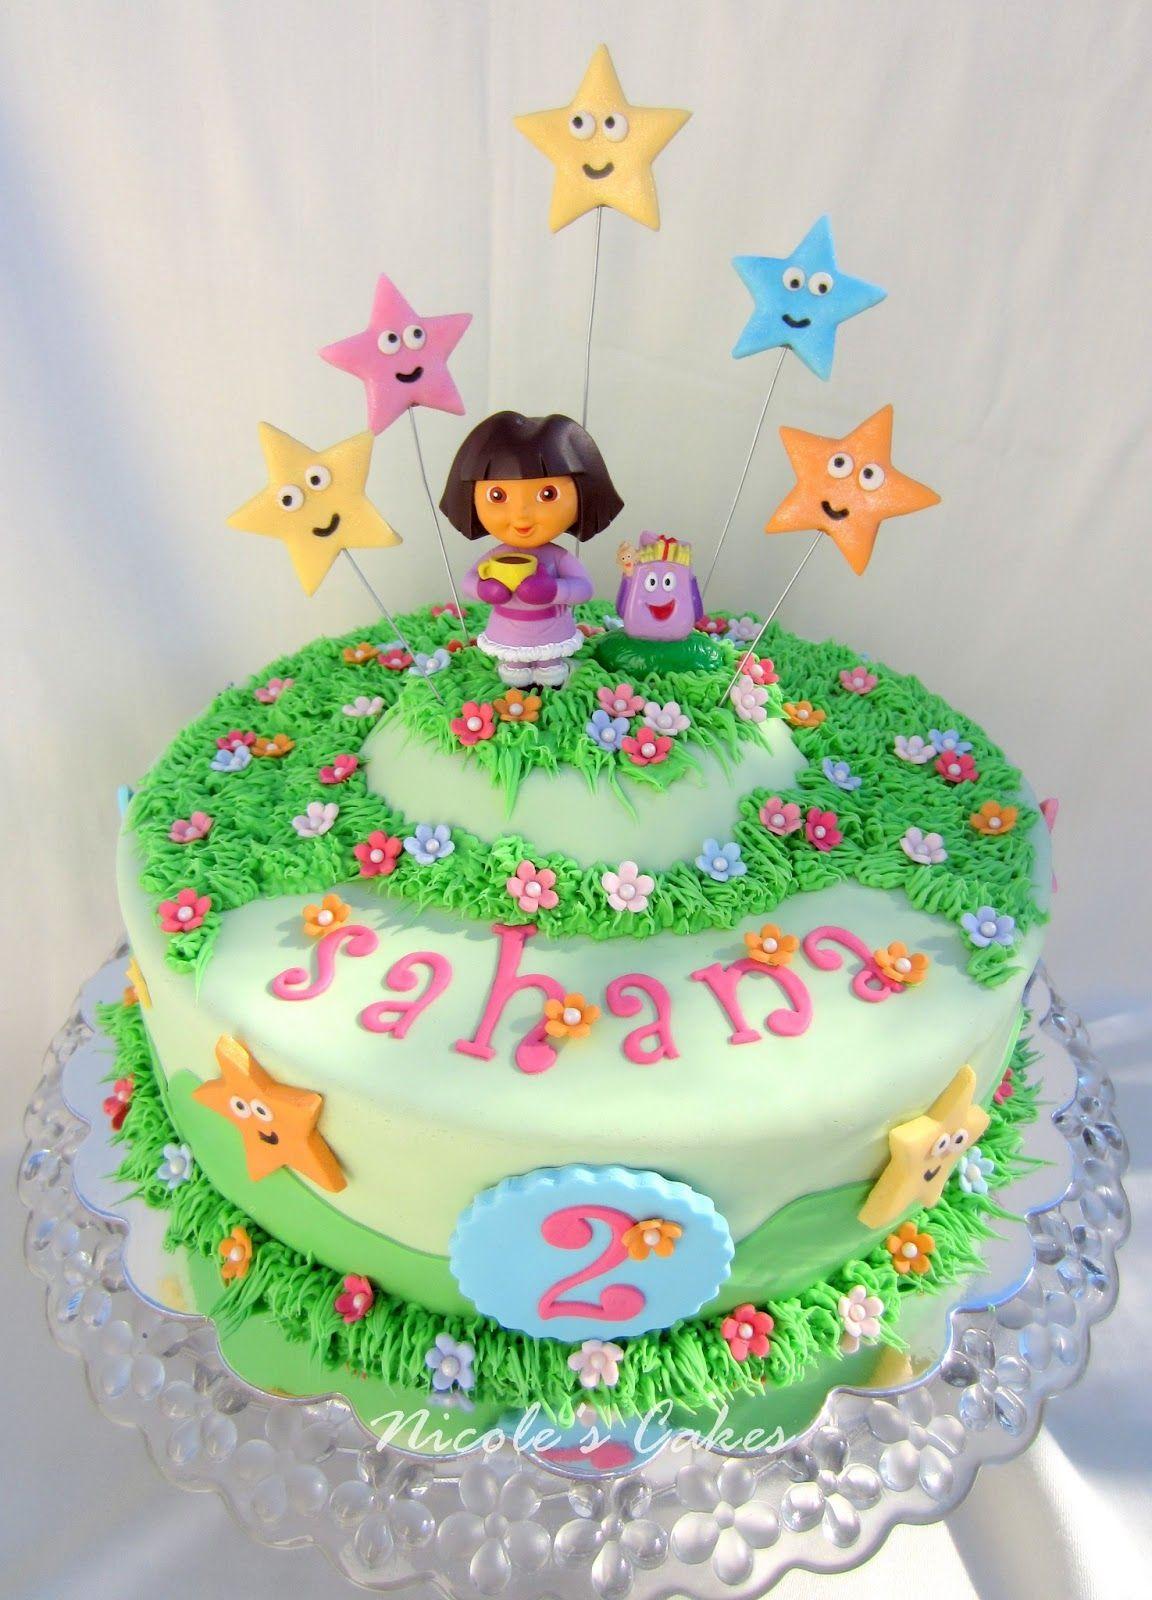 Dora cake Cakes Dora the Explorer Pinterest Dora cake Dora